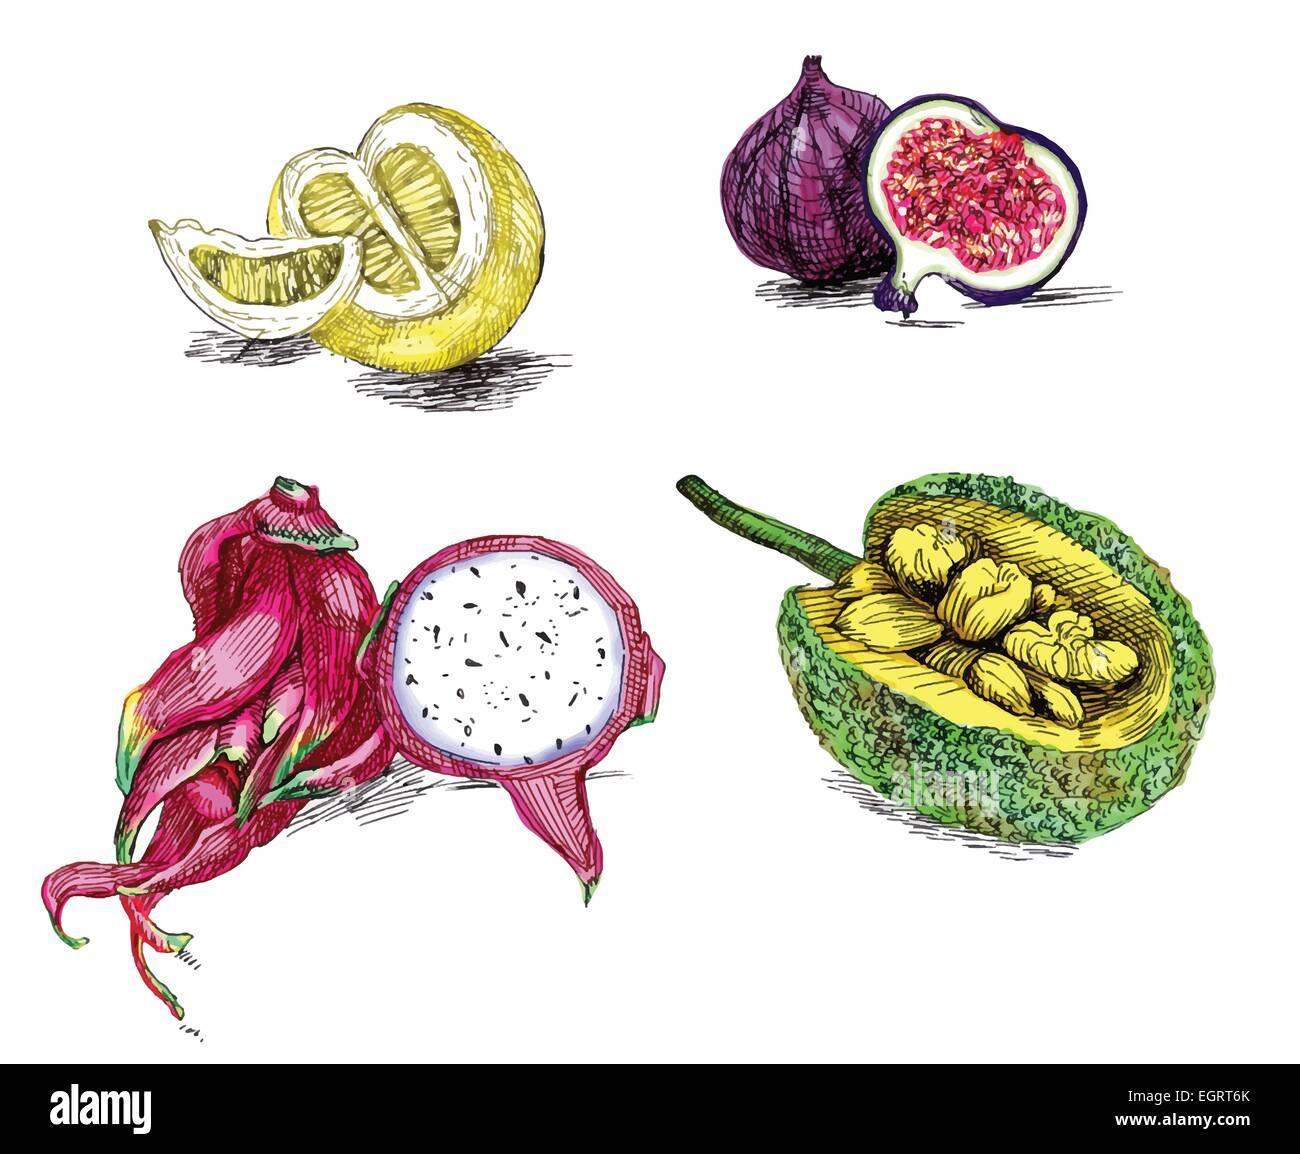 Tropische Früchte Kollektion Eine Hand Zeichnen Und Malen